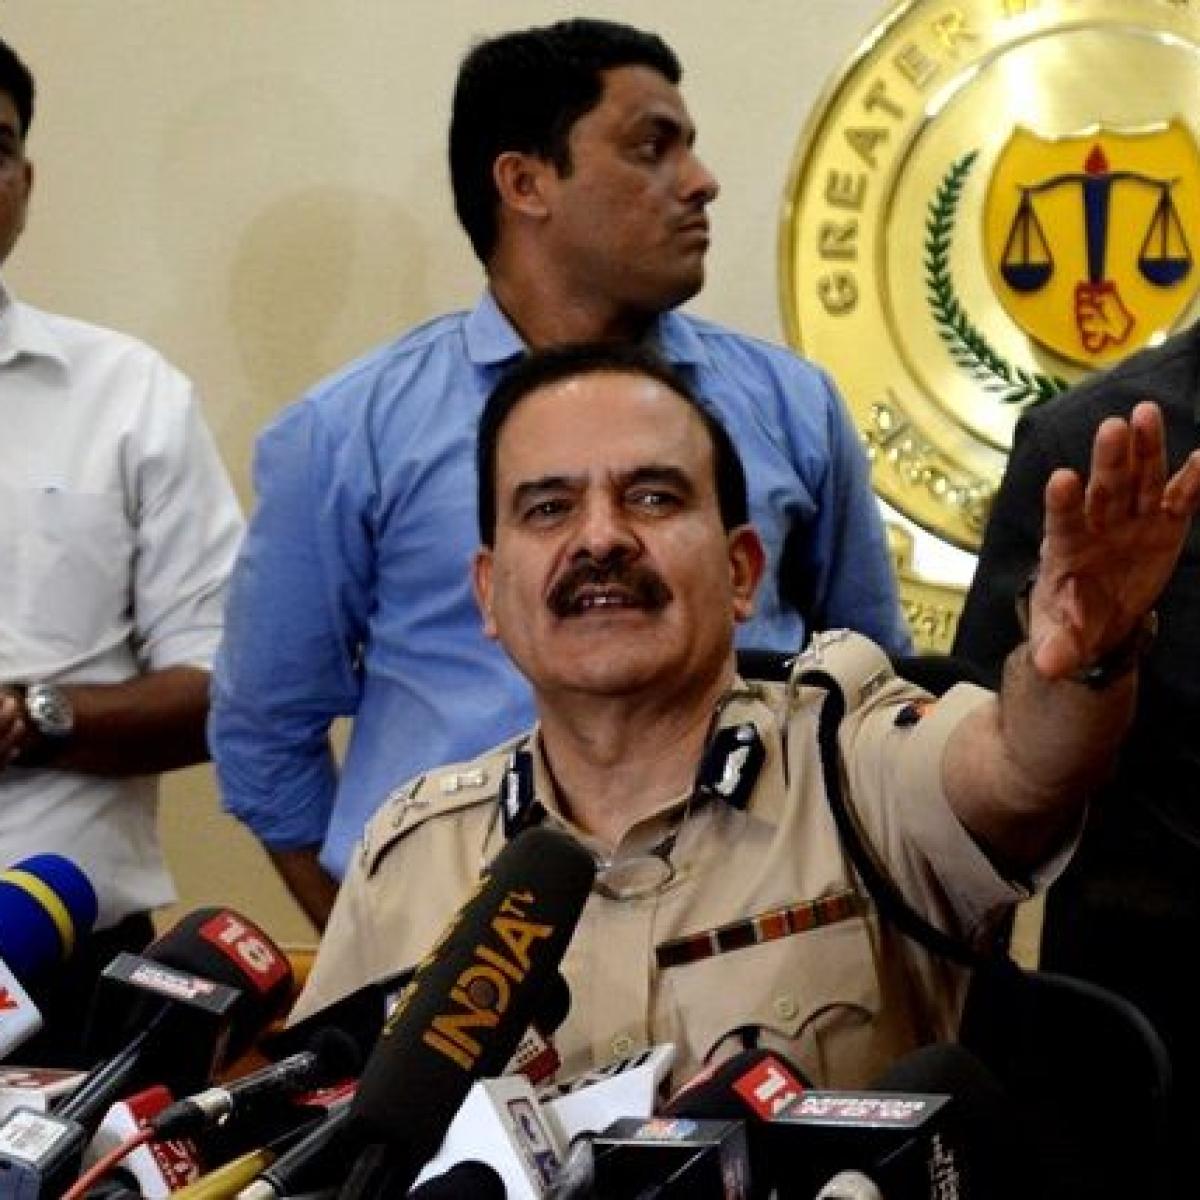 Antilia bomb scare case: Mumbai Police Commissioner Param Bir Singh meets CM Uddhav Thackeray